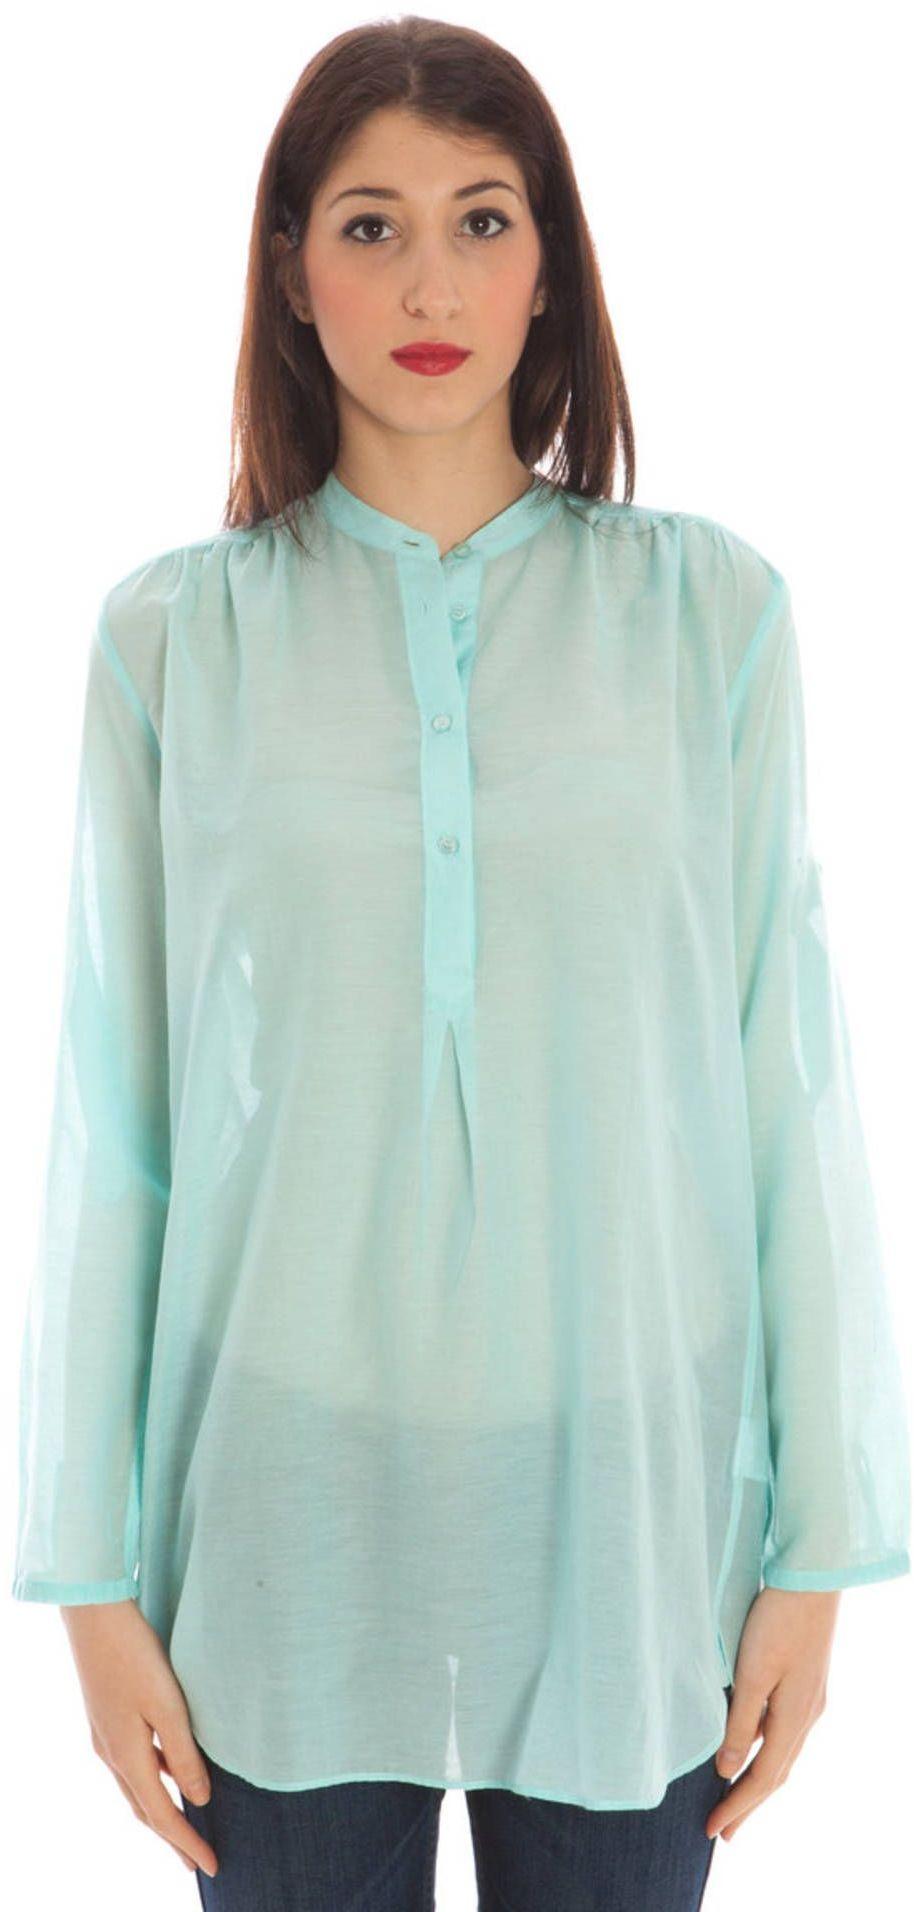 Koszula GANT z długim rękawem dla kobiet